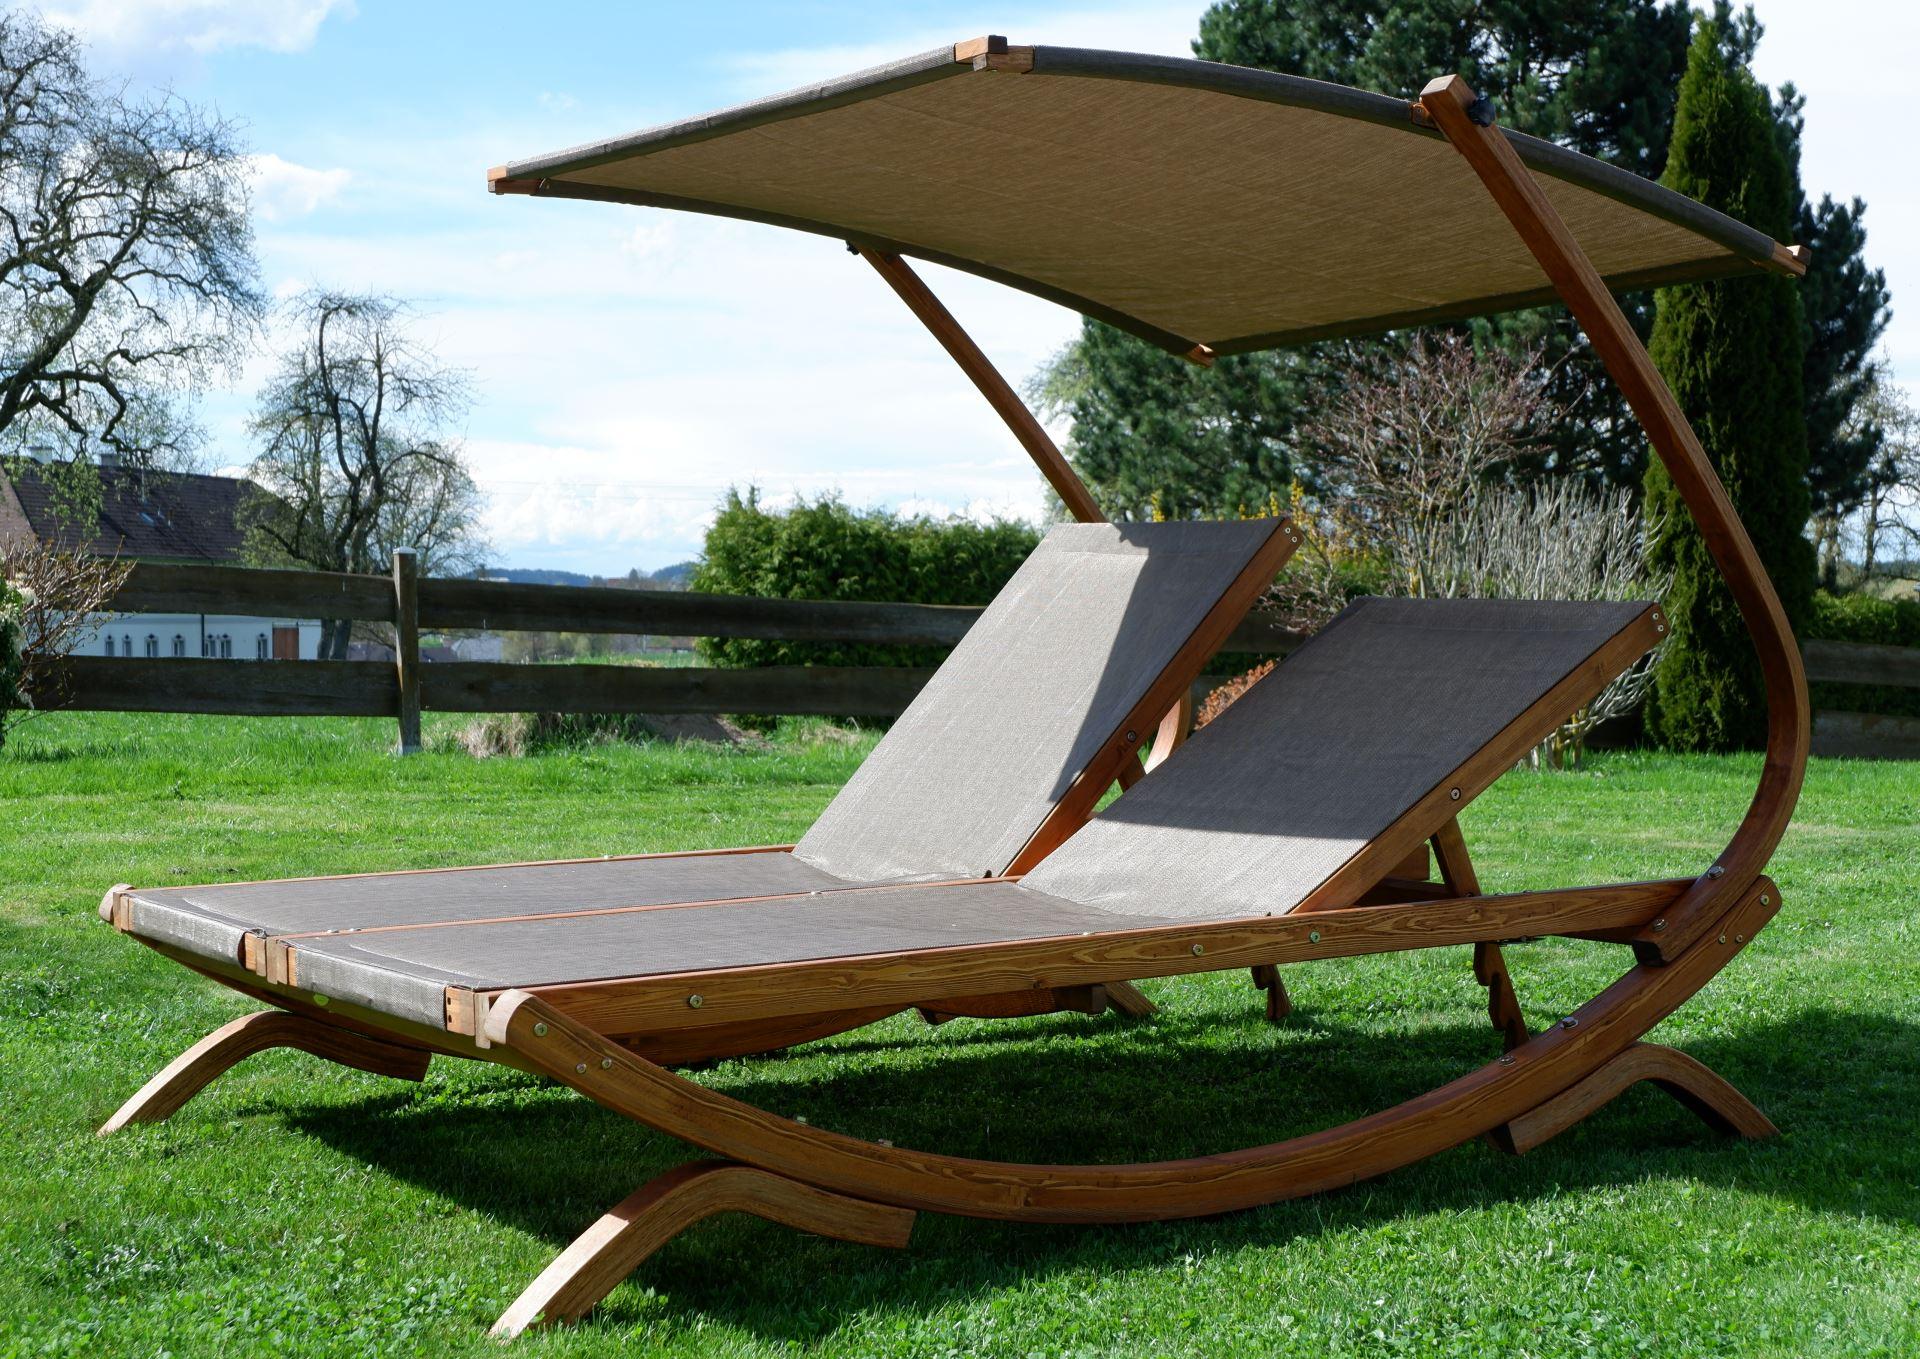 Gartenliege 2 personen dach  Fr 2 Personen. Top Matratze Und Lattenrost Design Ideen Und ...